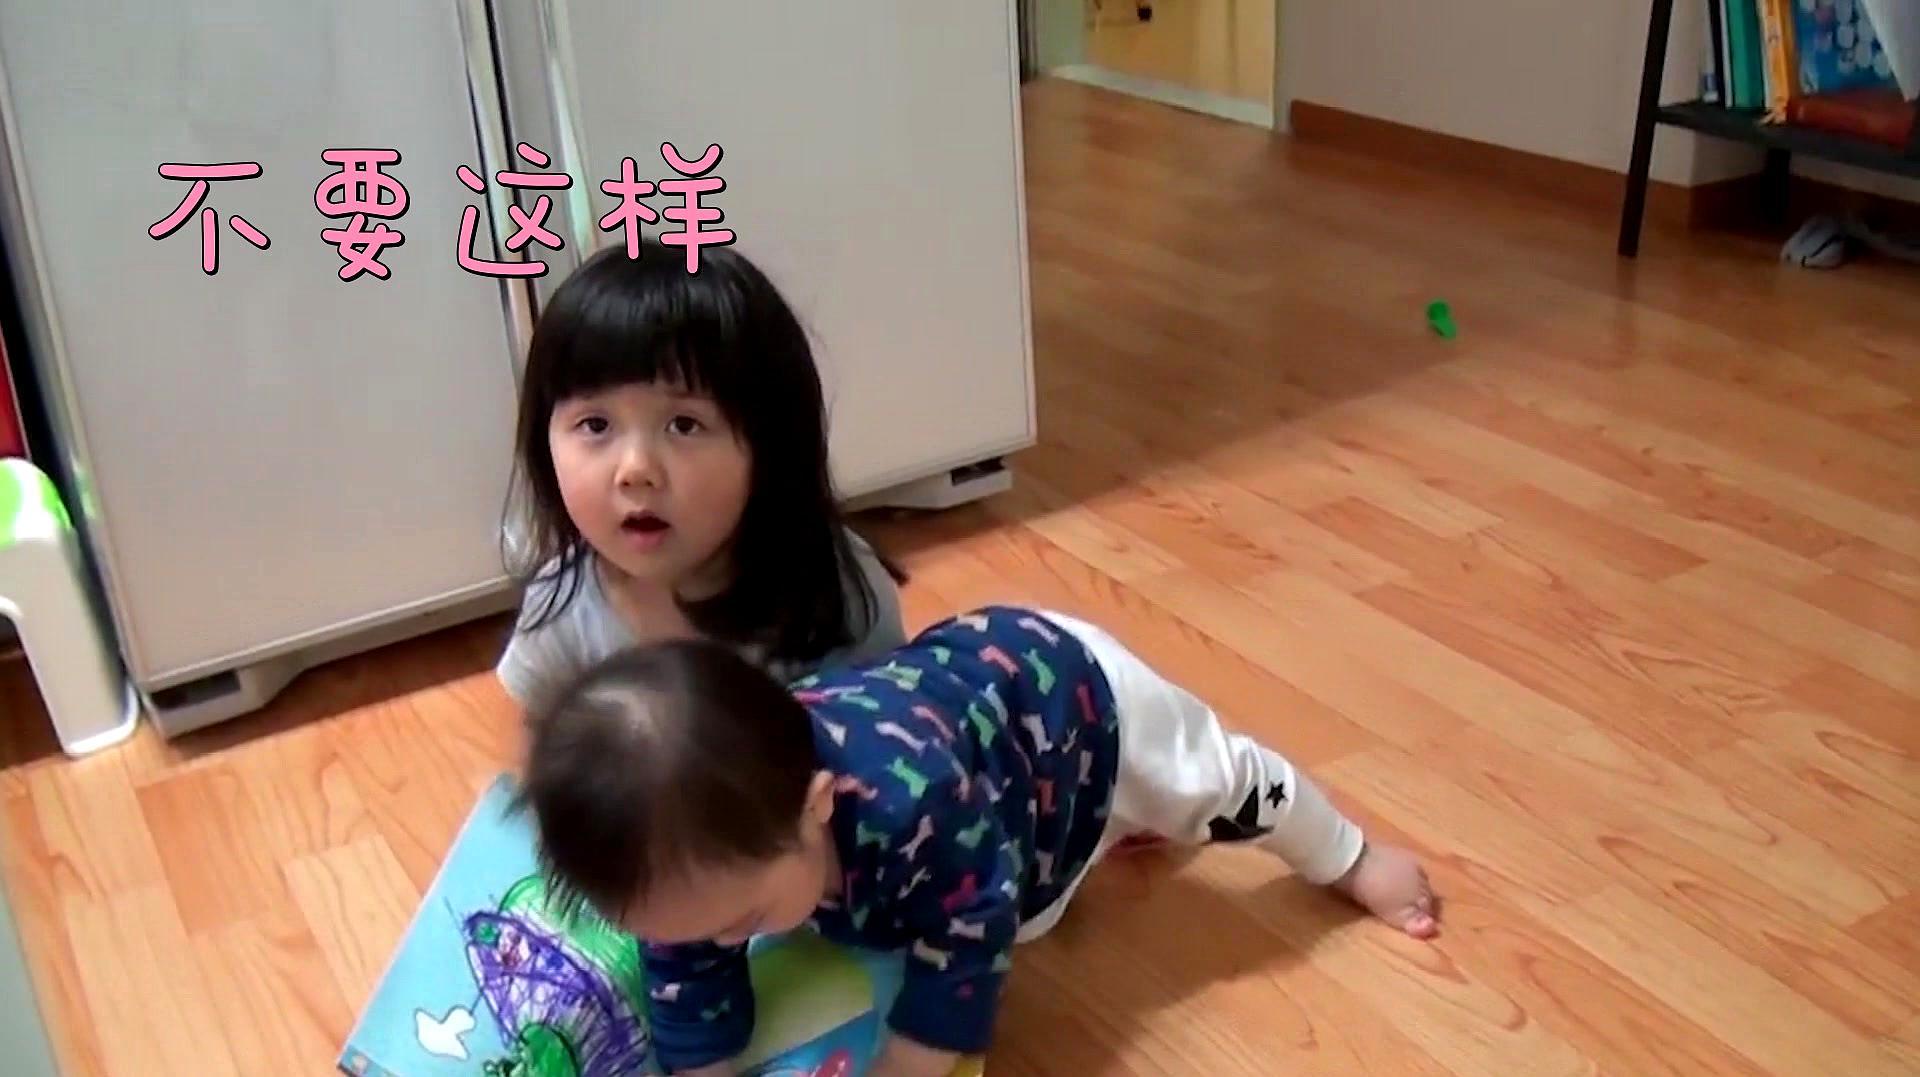 姐姐在看漫画,二宝却一直缠着姐姐,接下来的画面,二宝太萌了